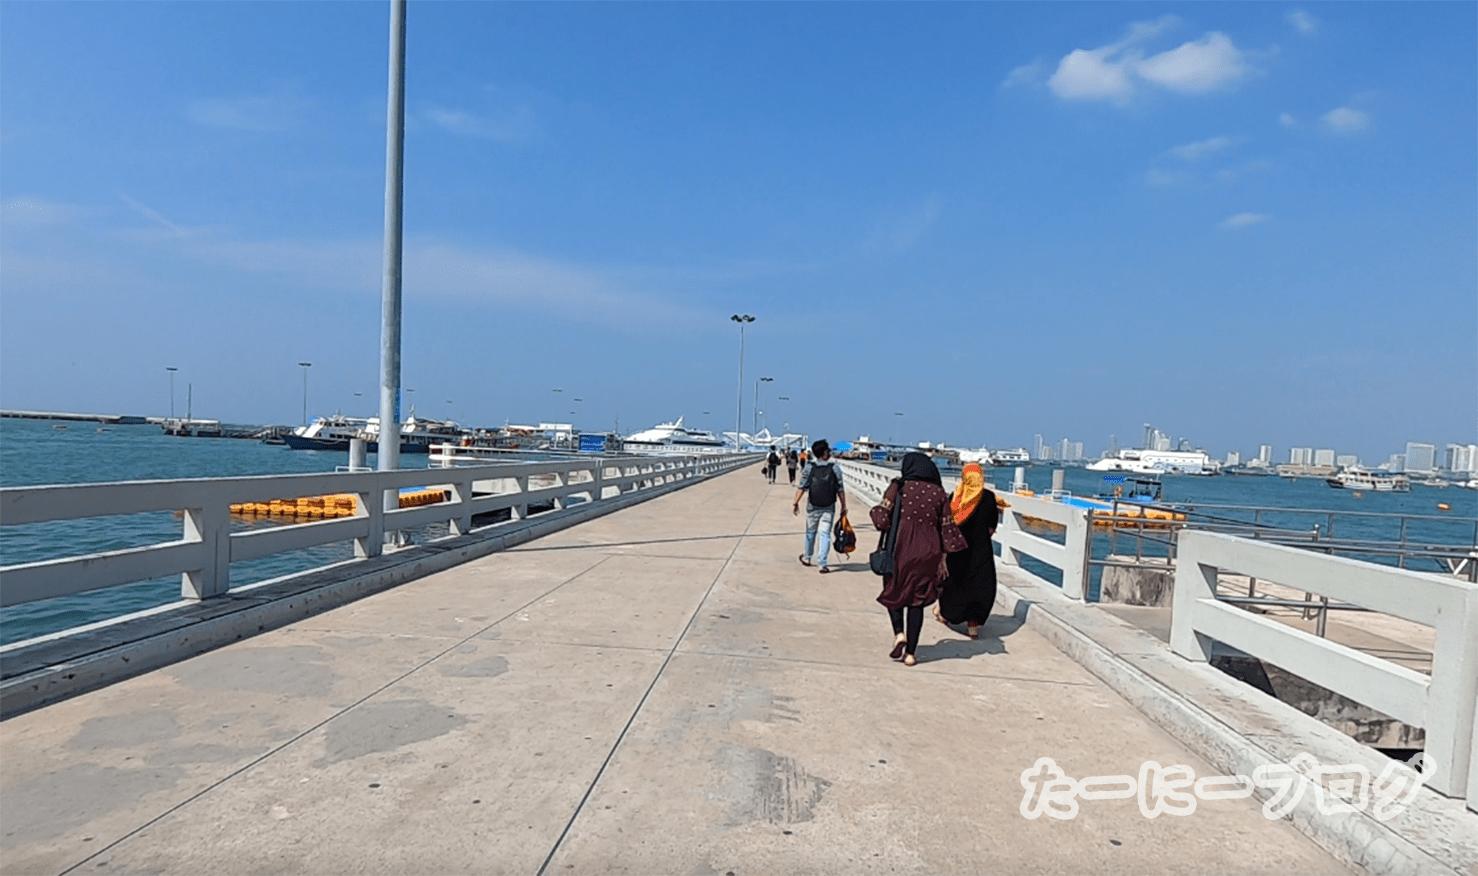 ラン島マリン桟橋